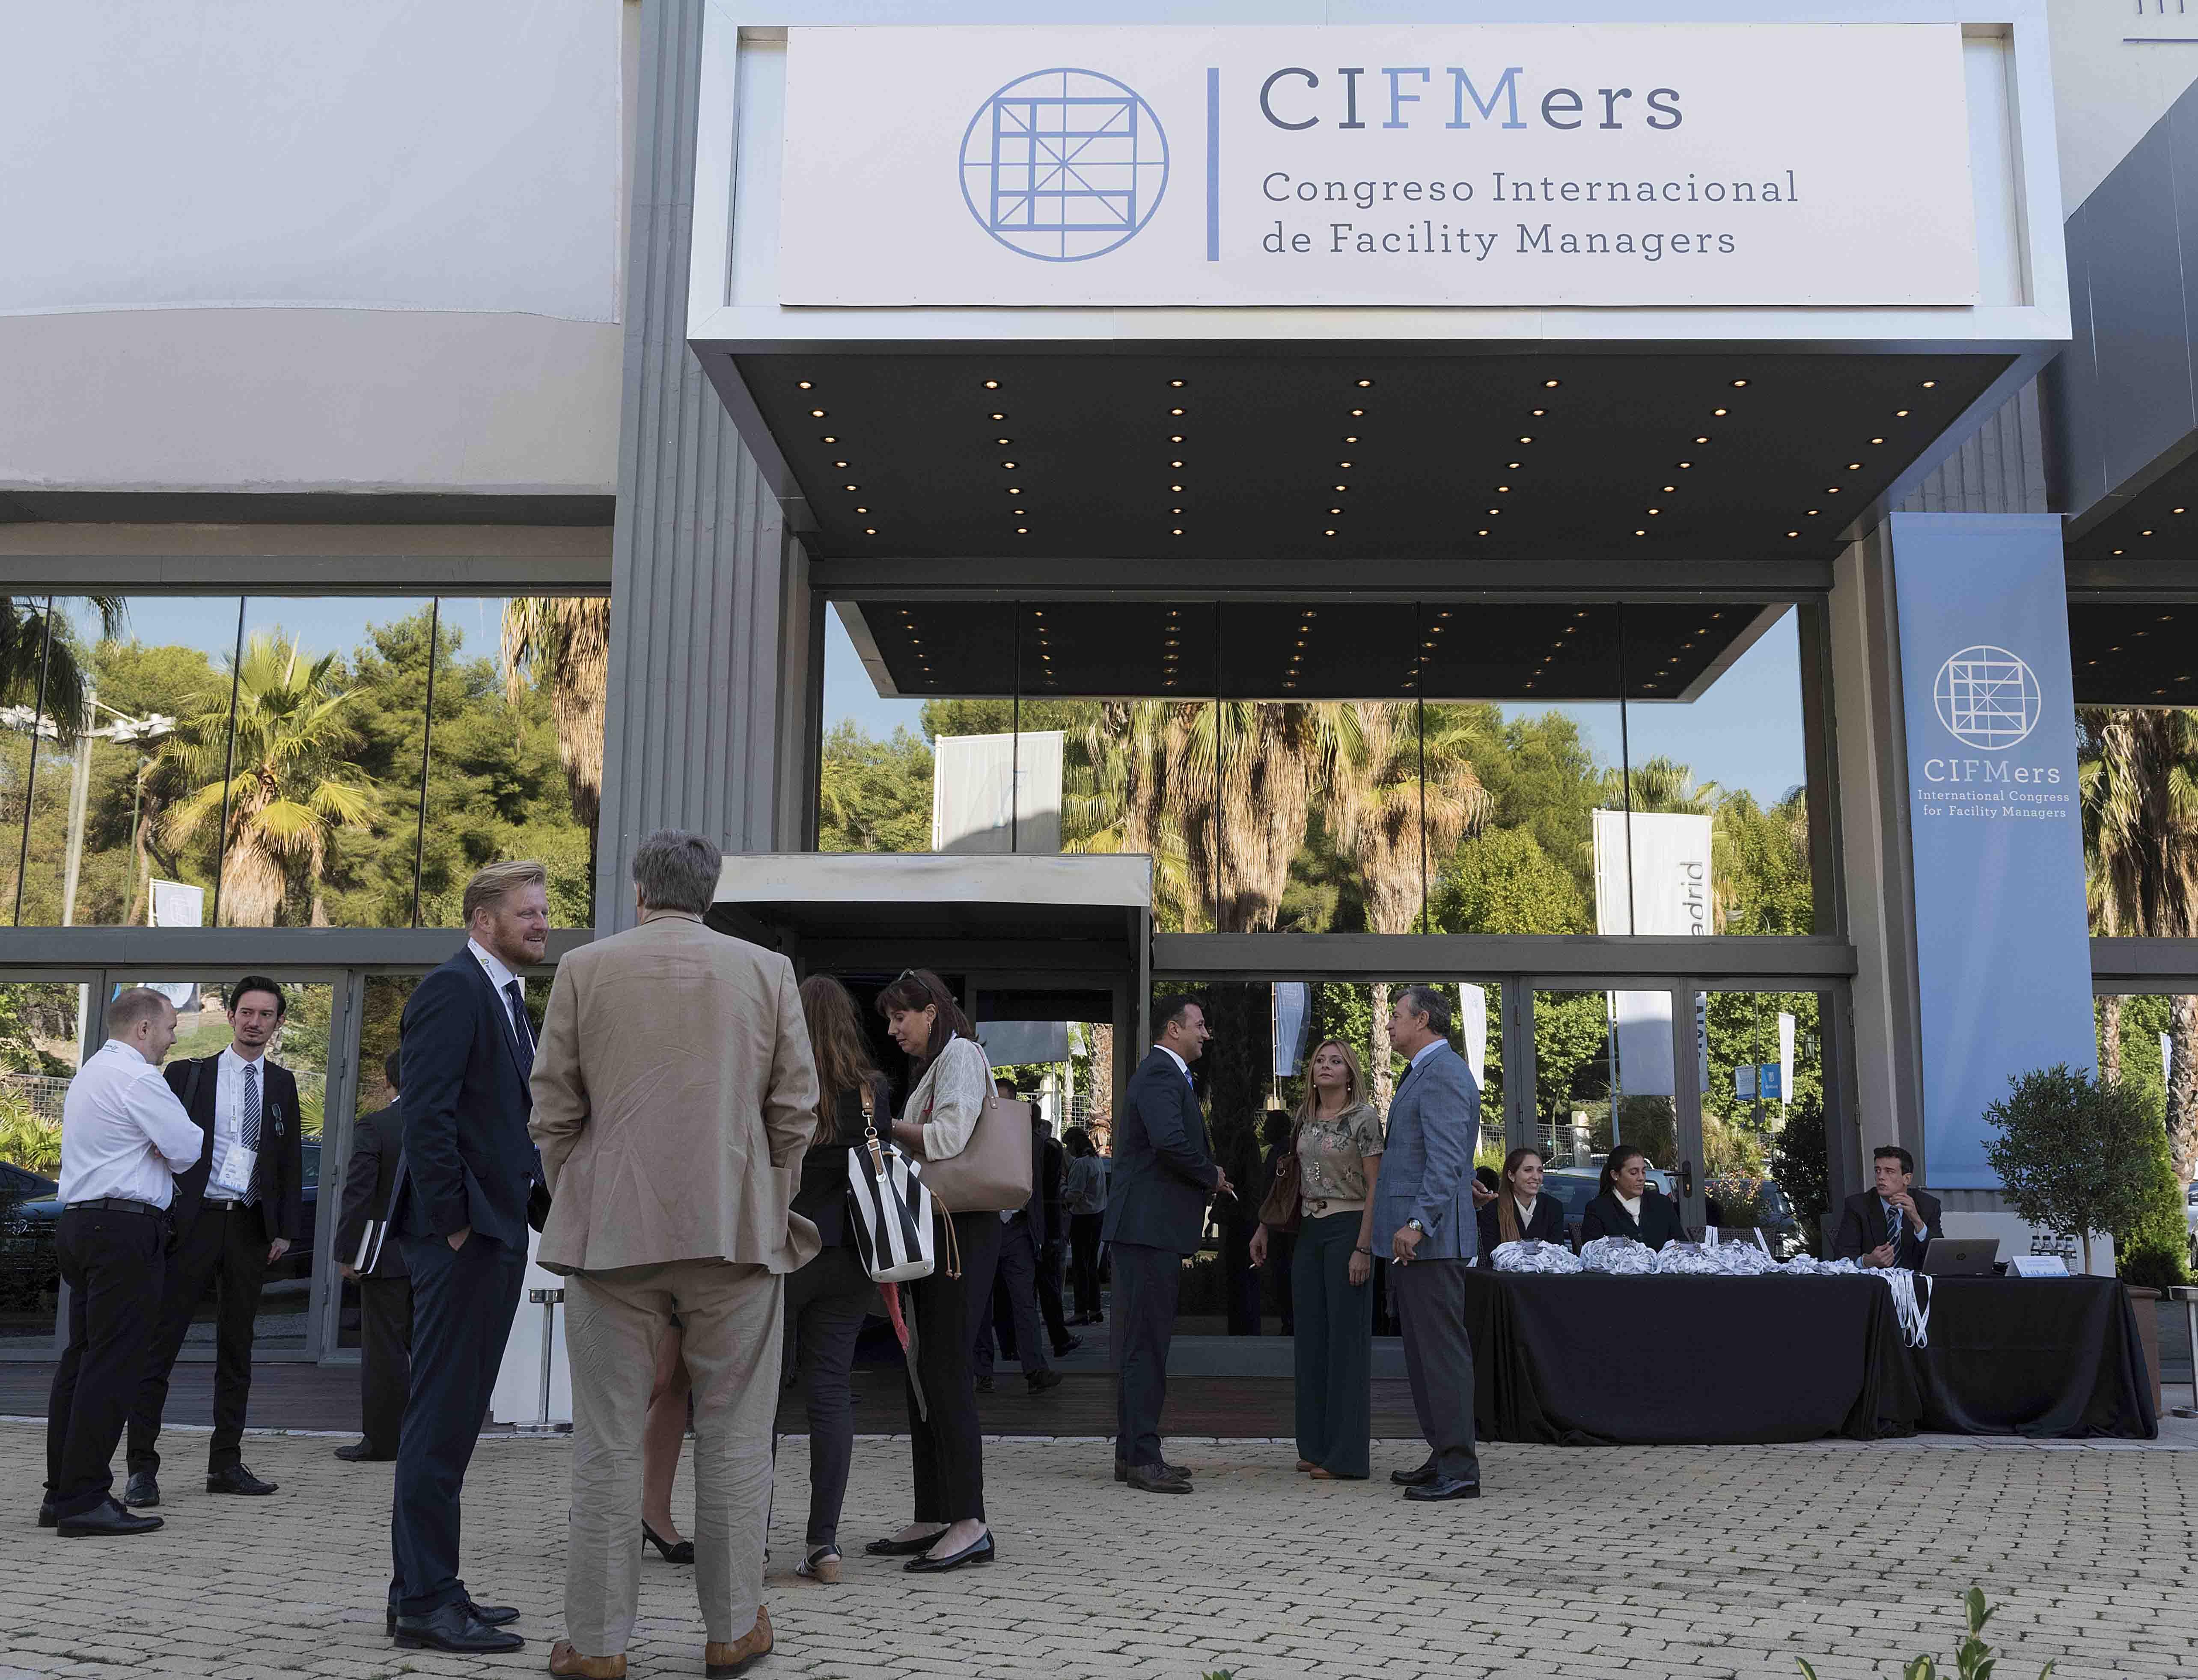 Bogota - Congreso Internacional de Facility Manager